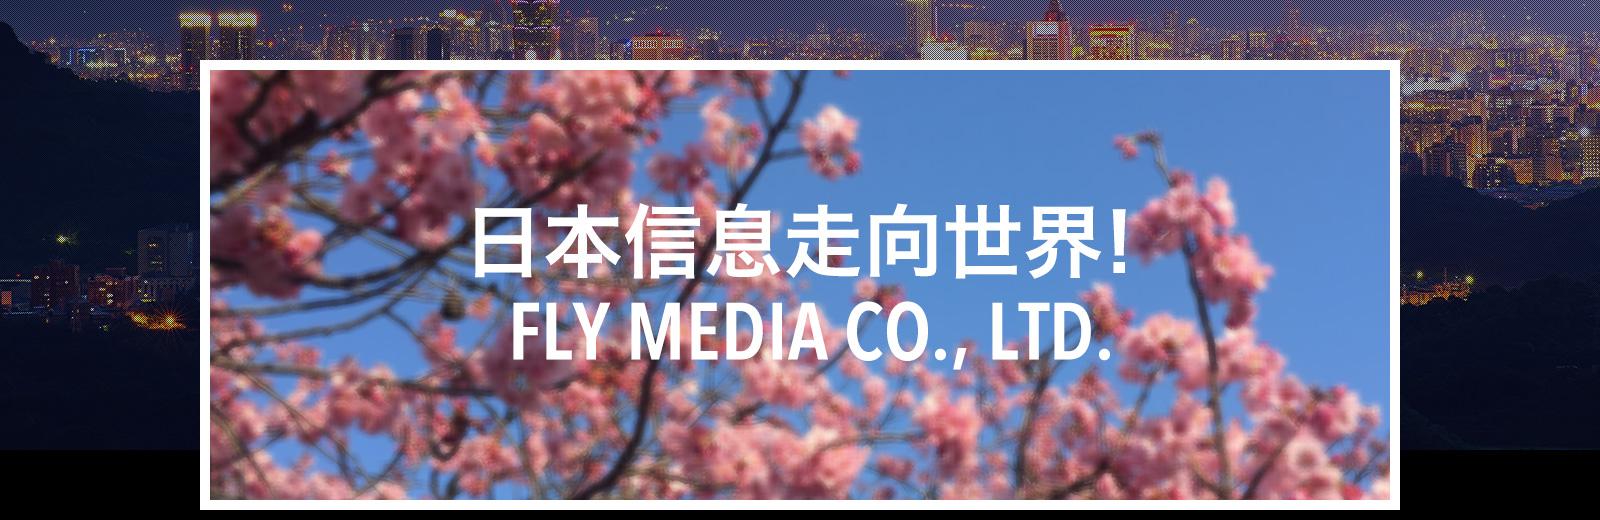 亚信息走向世界! FLY MEDIA CO.,LTD